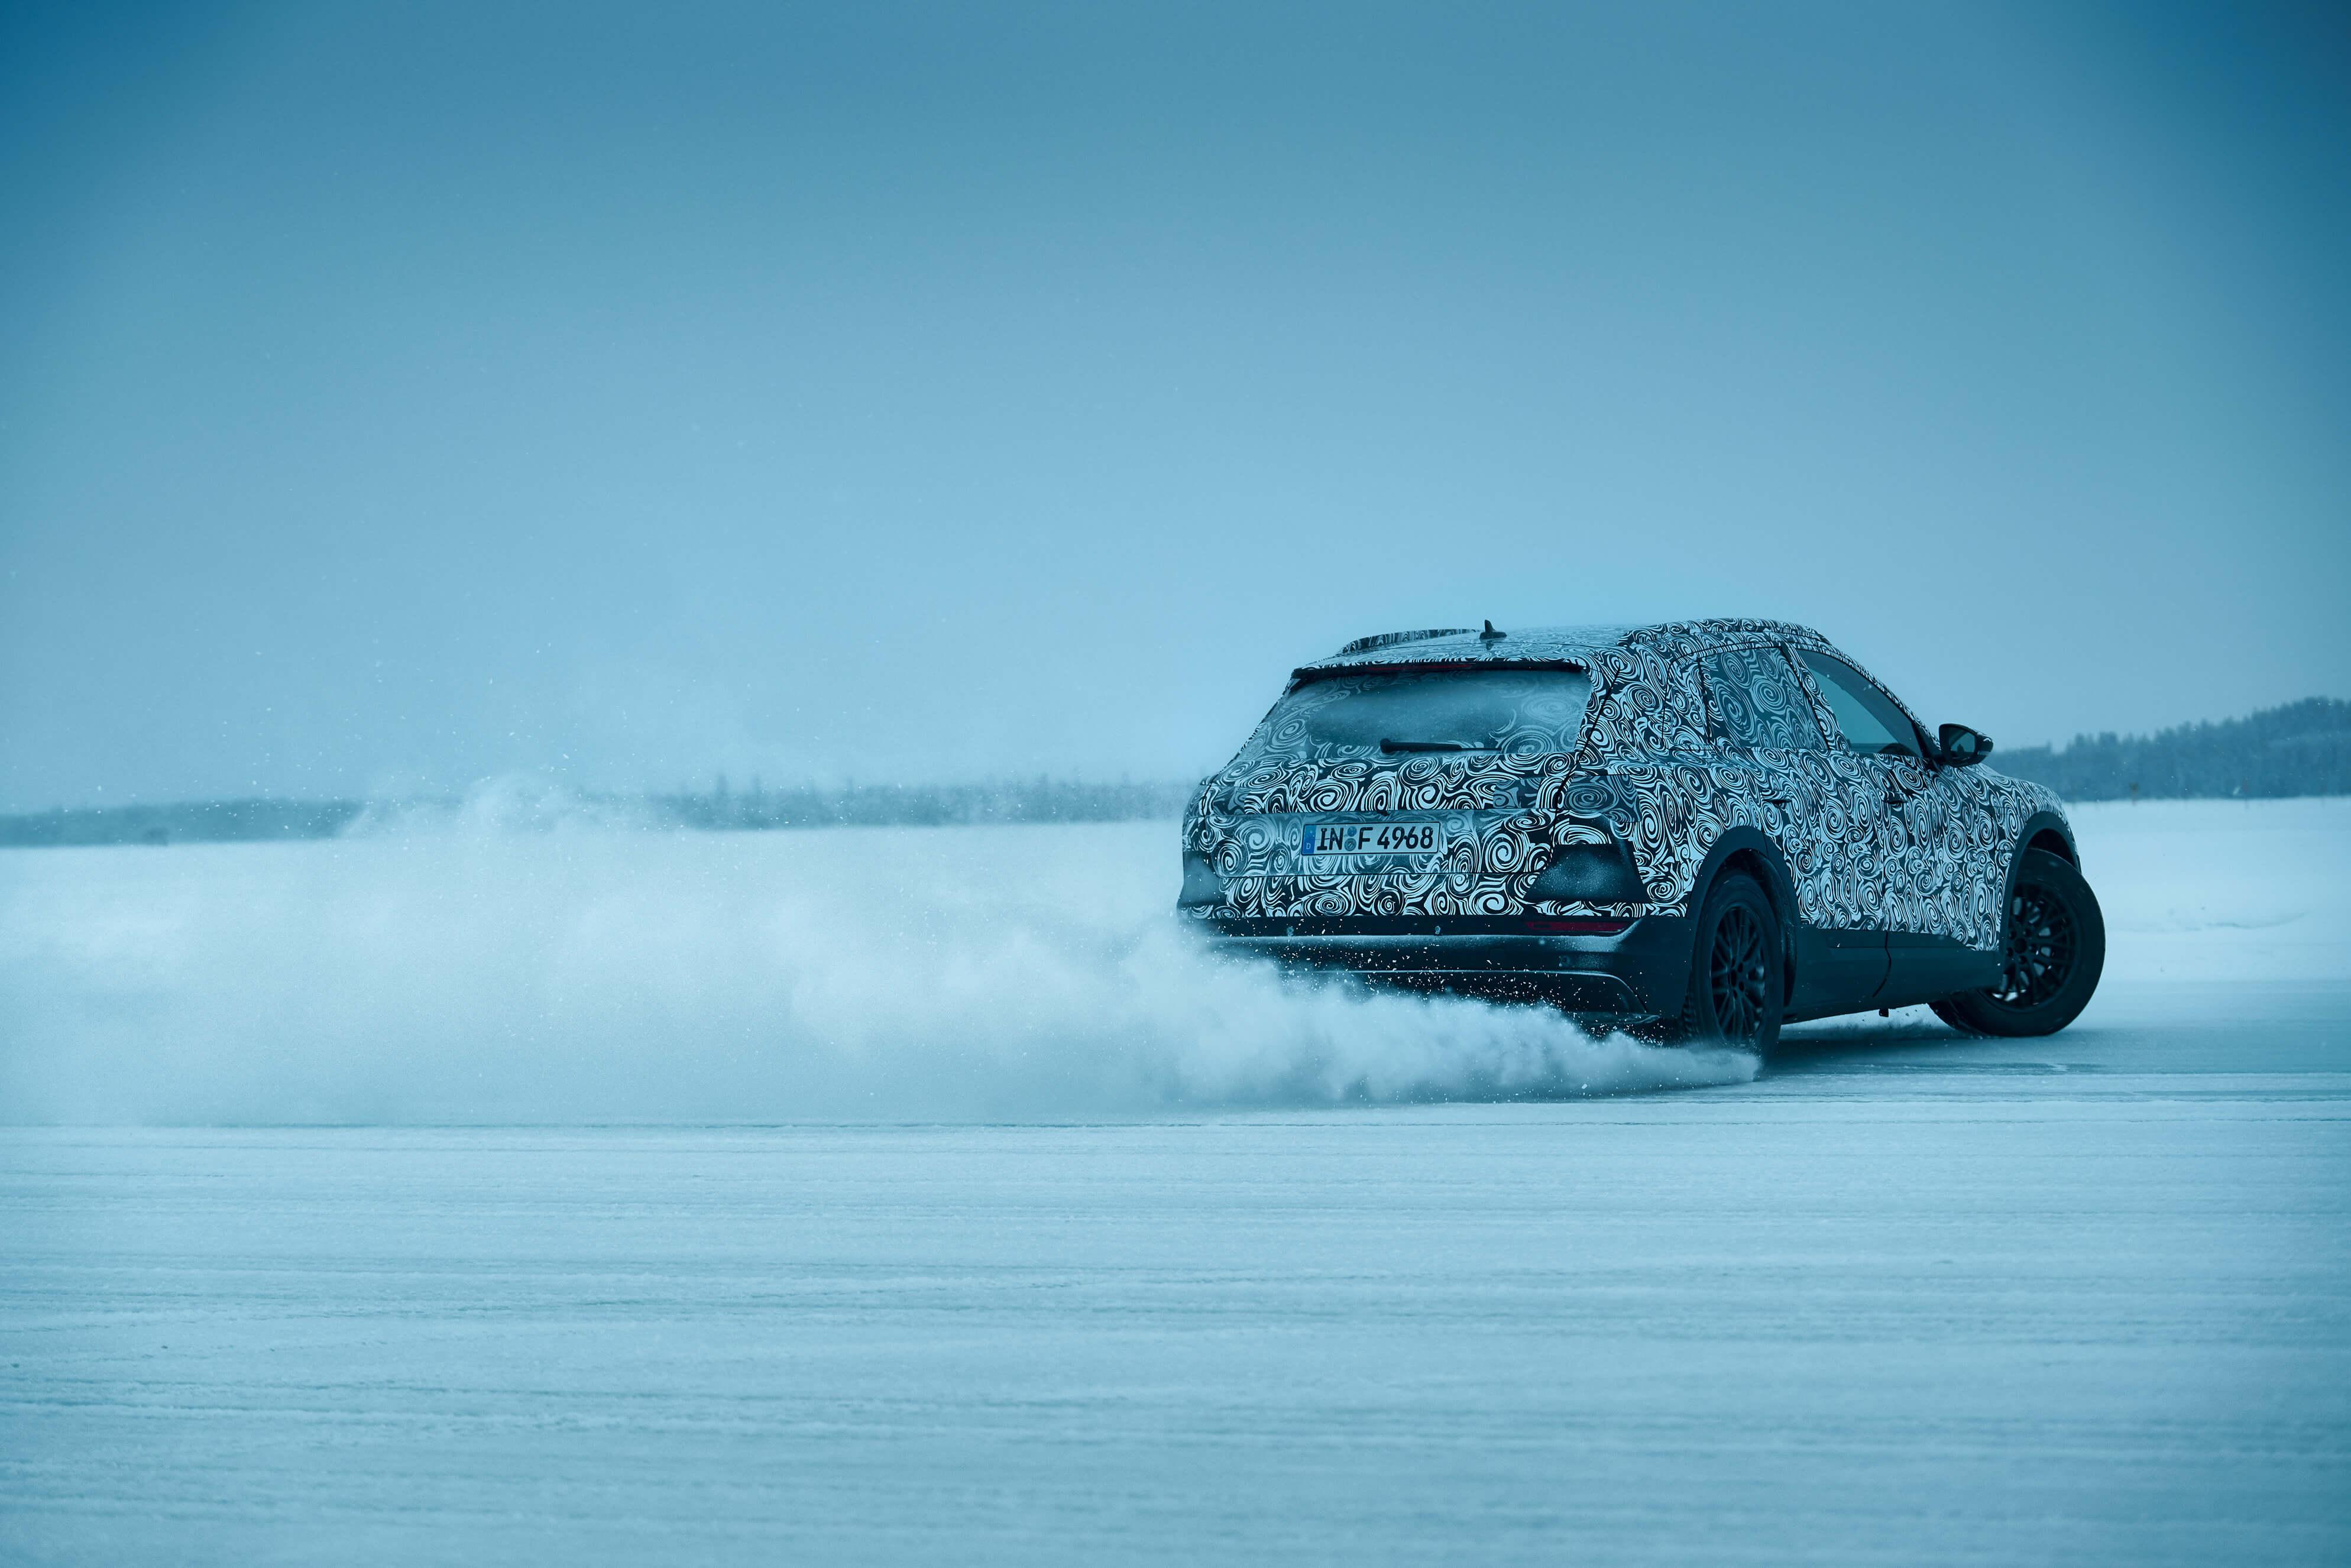 Audi Etron Lapland by Jan van Endert